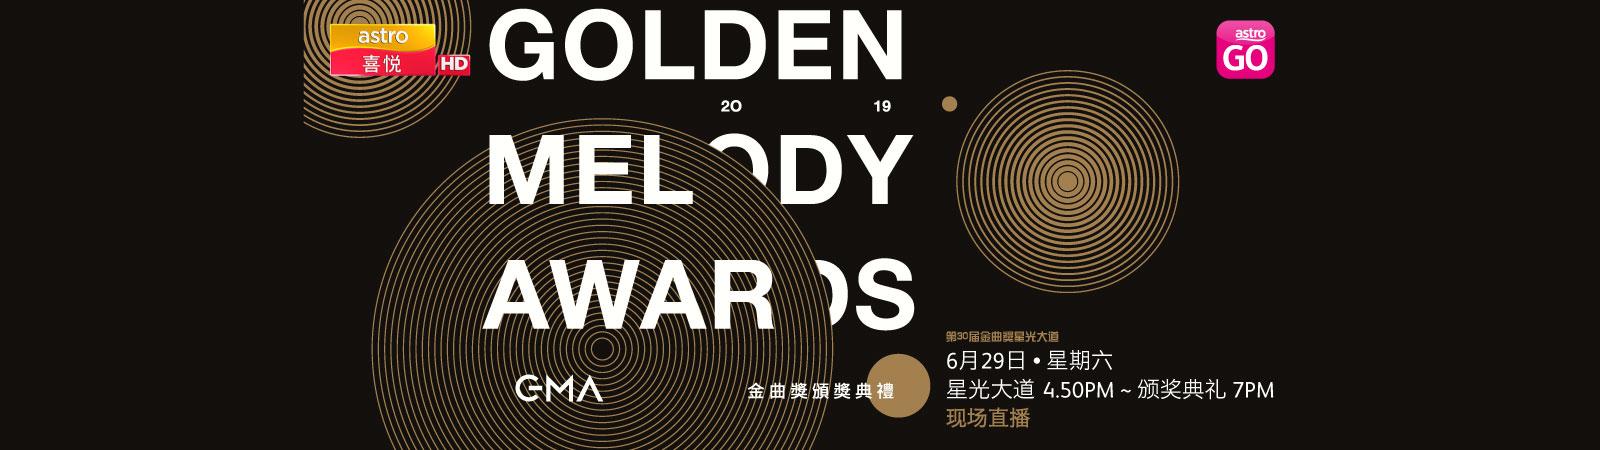 金曲奖颁奖典礼现场直播 30th Golden Melody Awards LIVE